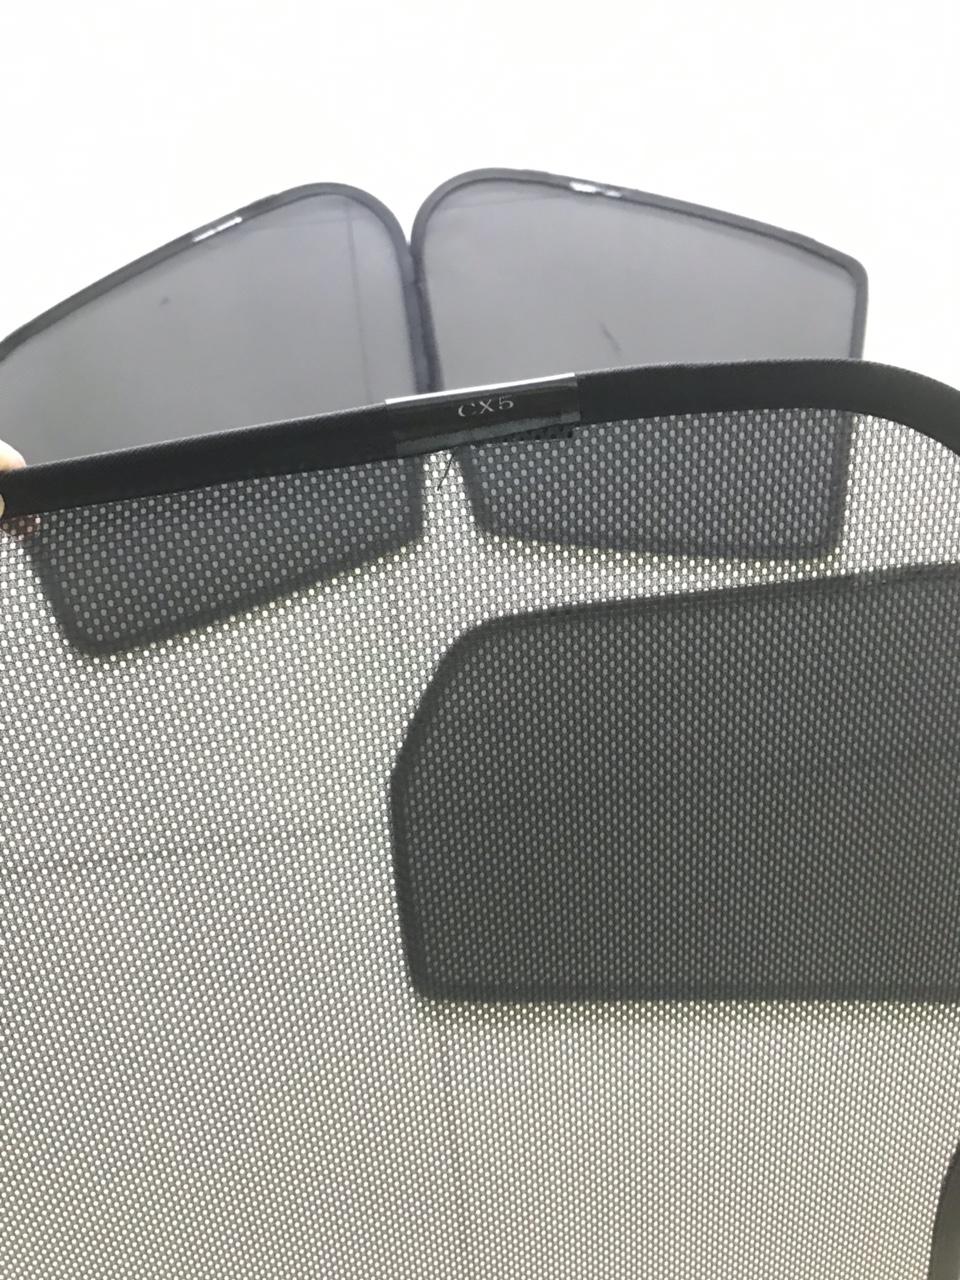 Che nắng hít cửa kính Mazda cx5